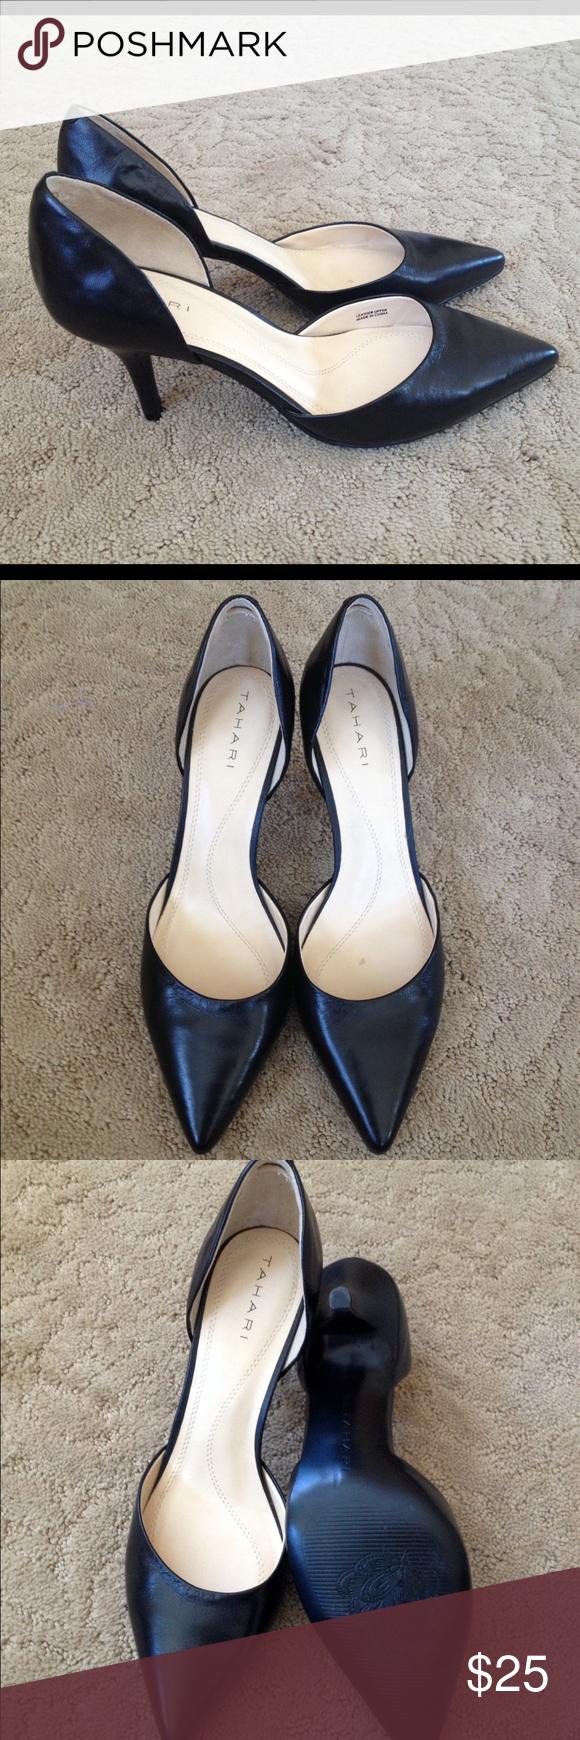 """Tahari Coco Black Kitten Heels Very good condition. Leather upper. Heel hight approx 2.5"""". Tahari Shoes Heels"""